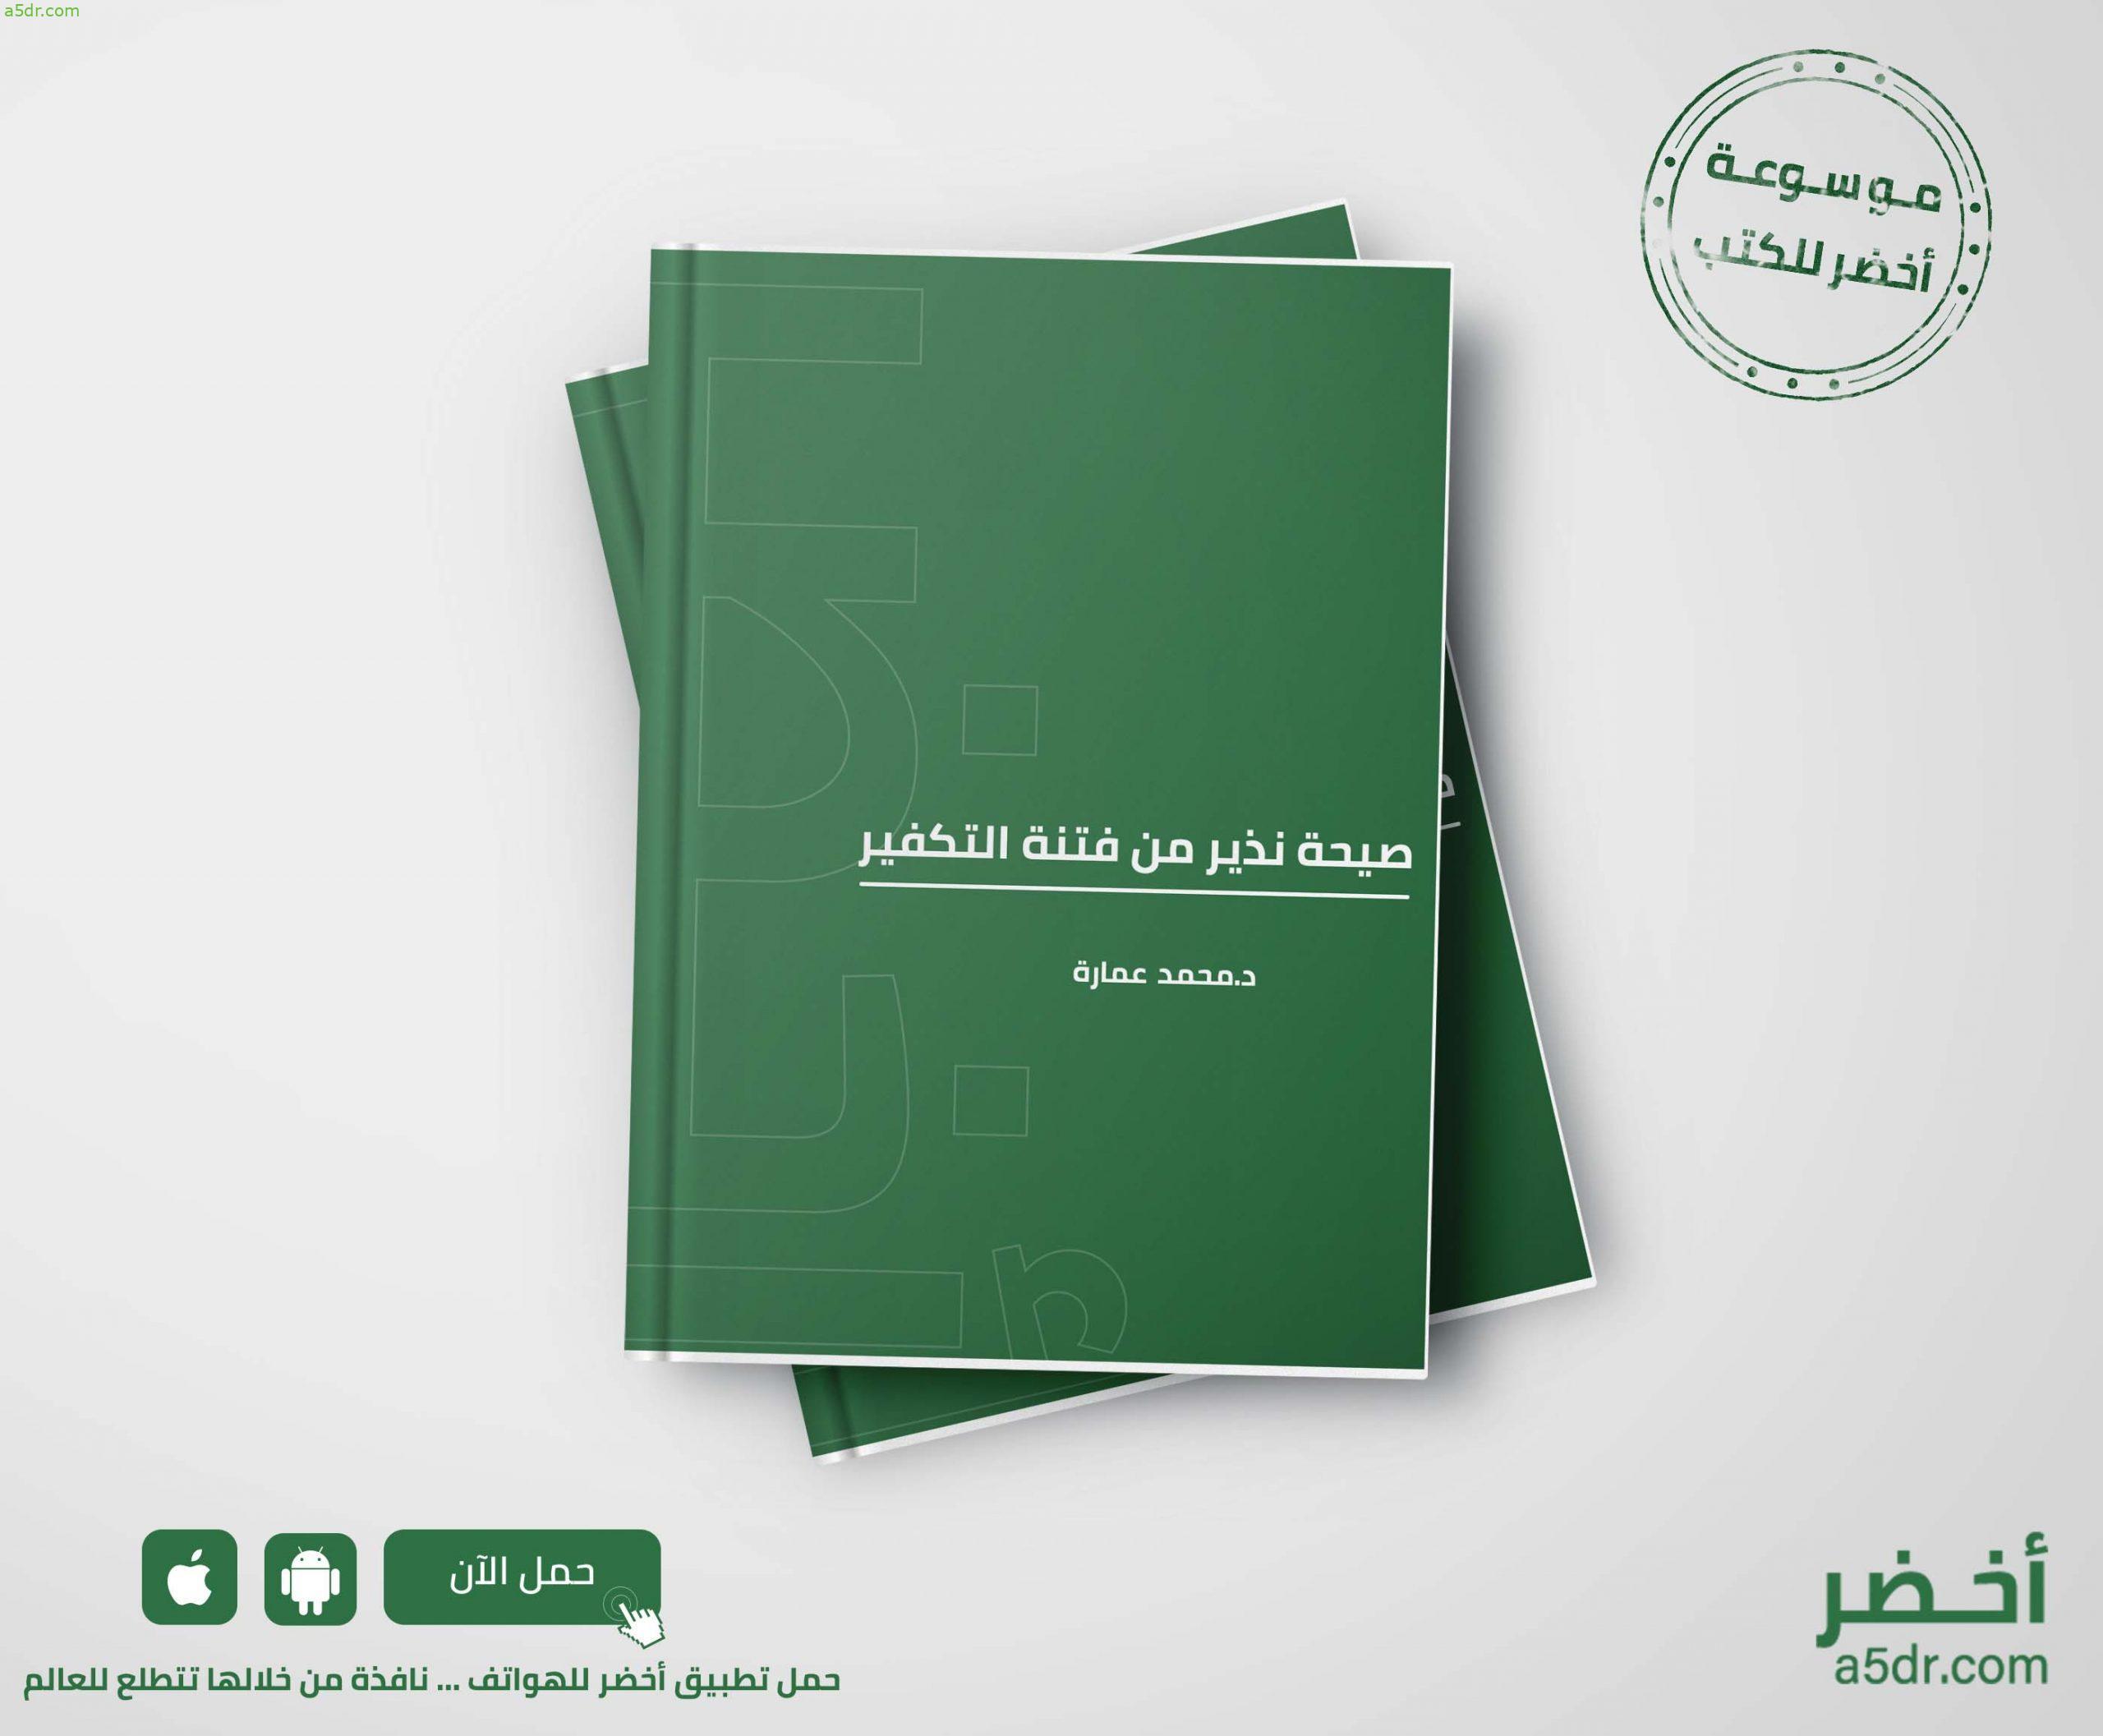 كتاب صيحة نذير من فتنة التكفير - محمد عمارة